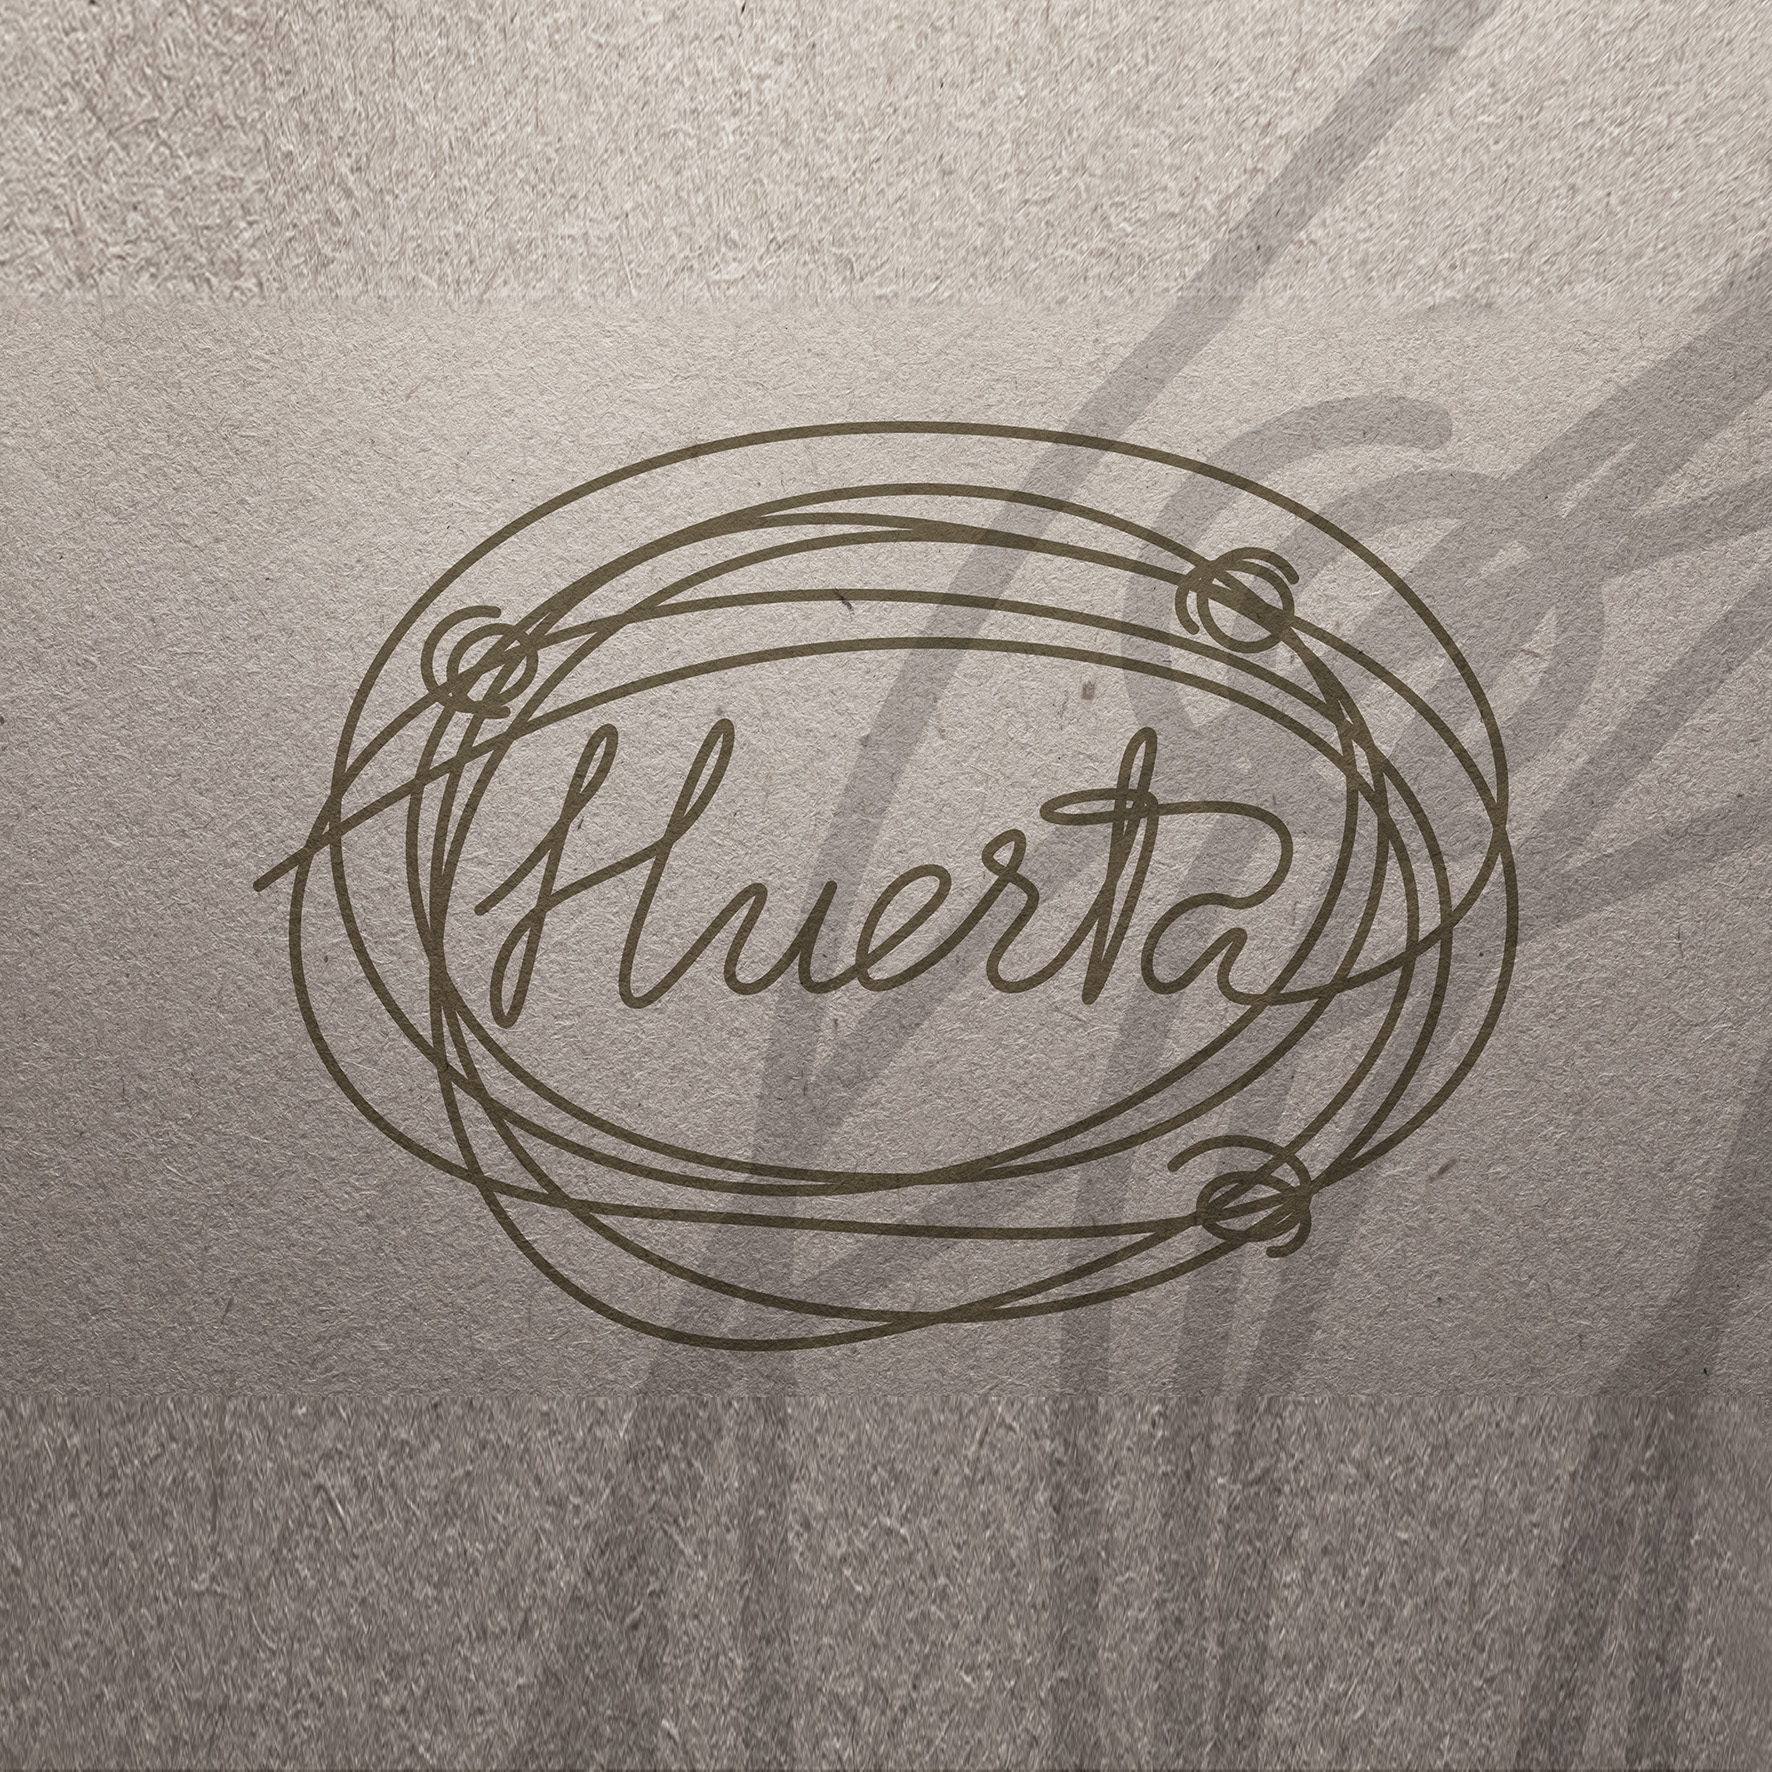 Aplicación en papel La Huerta